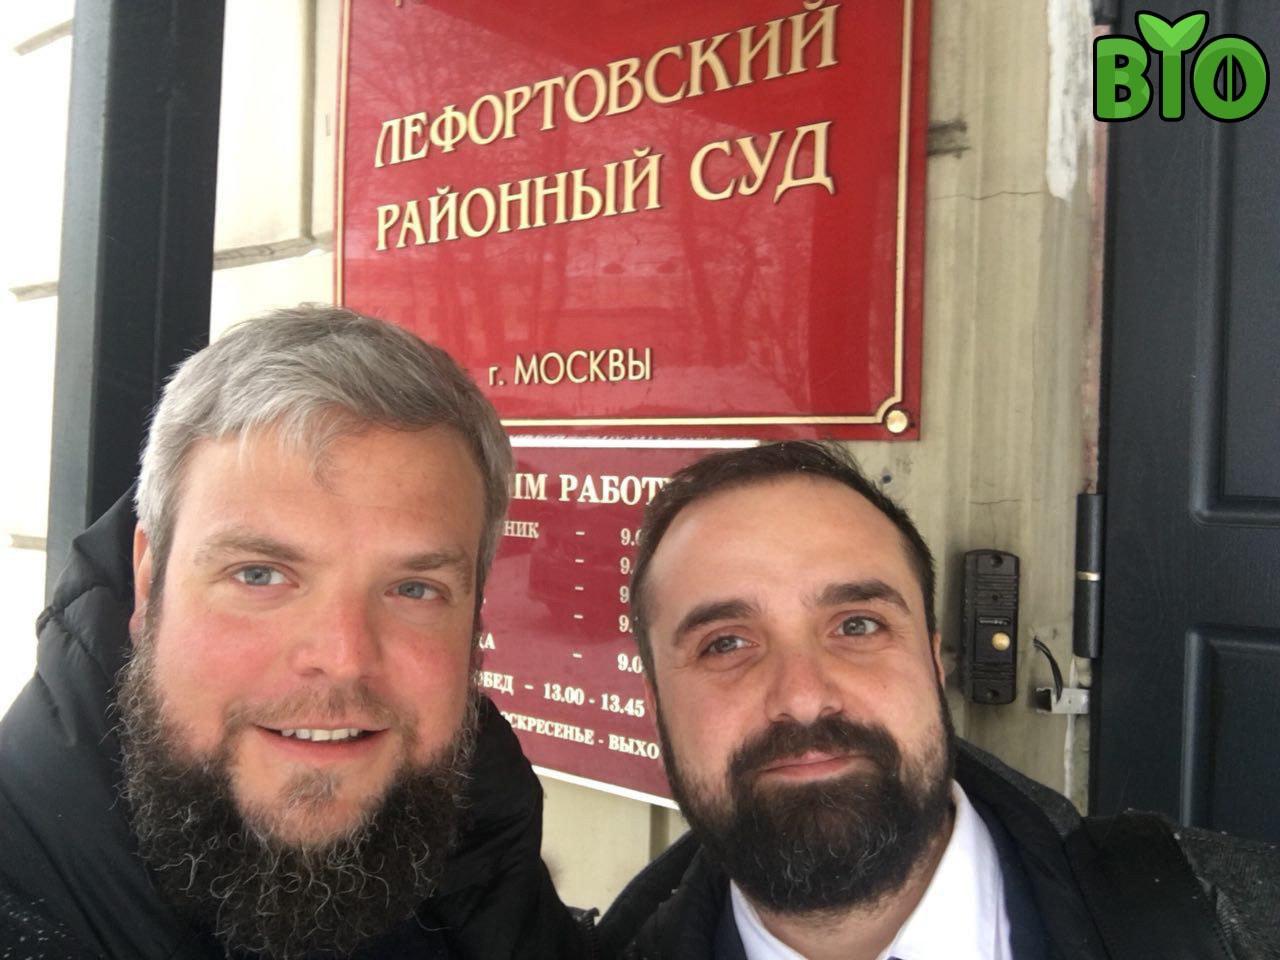 Лефортовская прокуратура Роскомнадзор и BioCoin